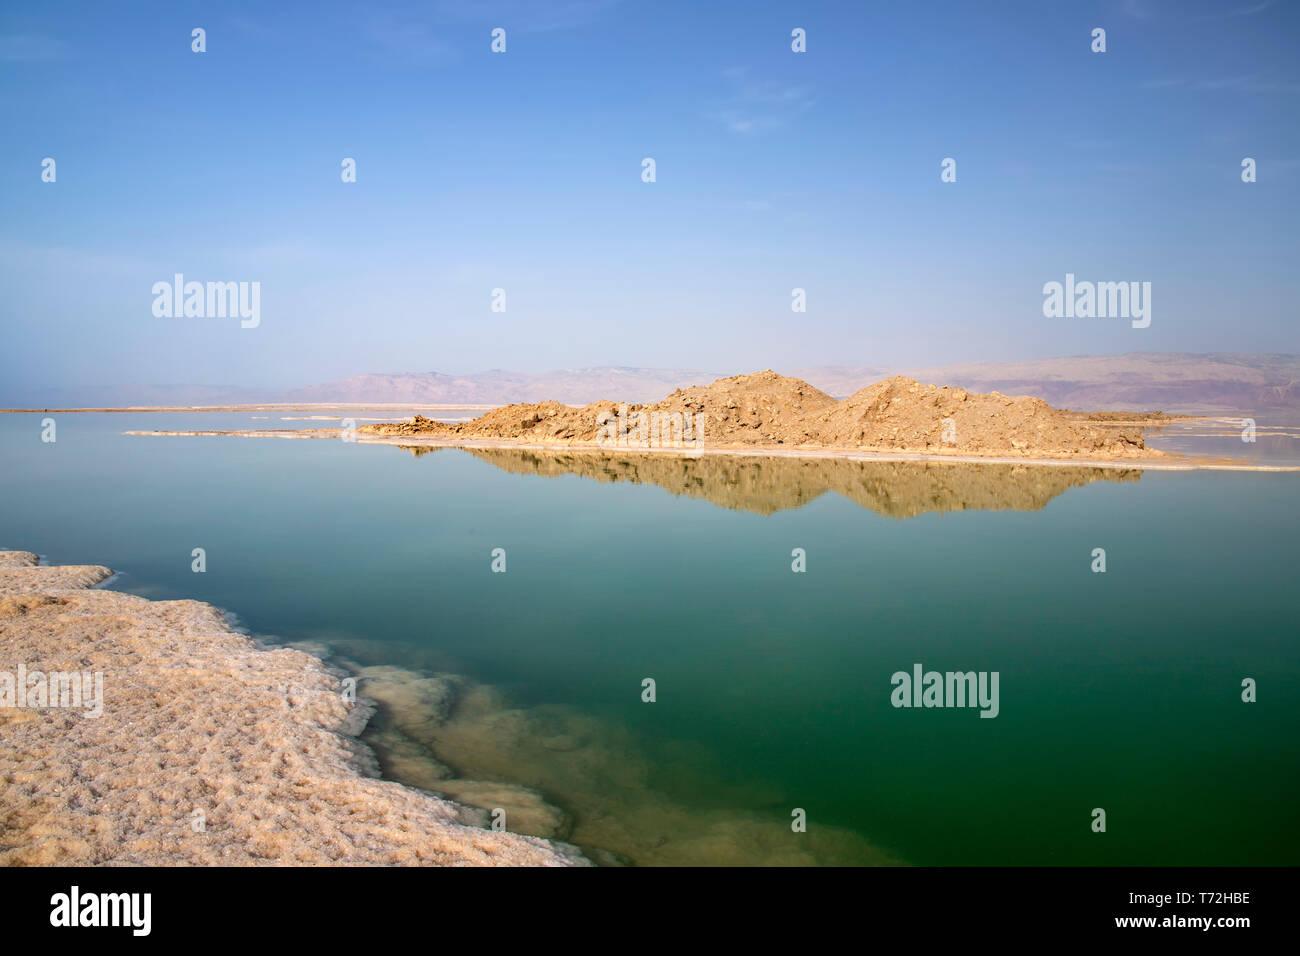 La riflessione di colline in acqua salata del Mar Morto sotto il quale sale formazioni sono visibili Foto Stock